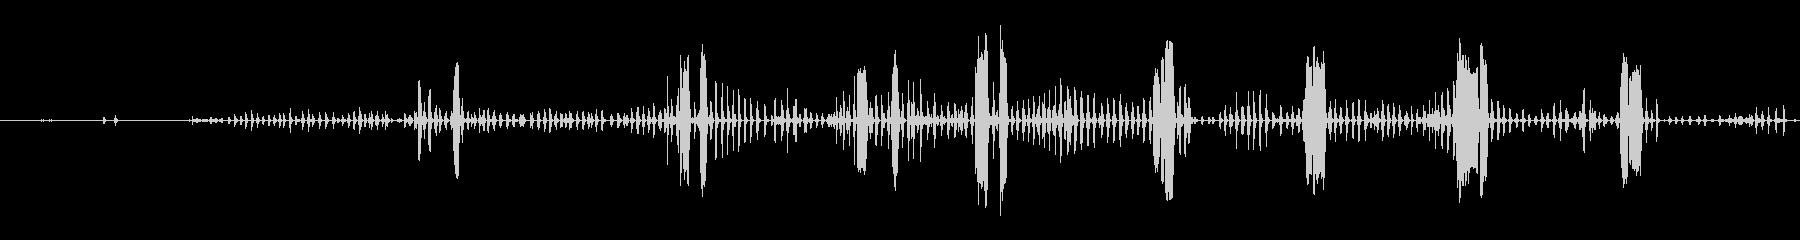 ヘンハウス1、バード; DIGIF...の未再生の波形